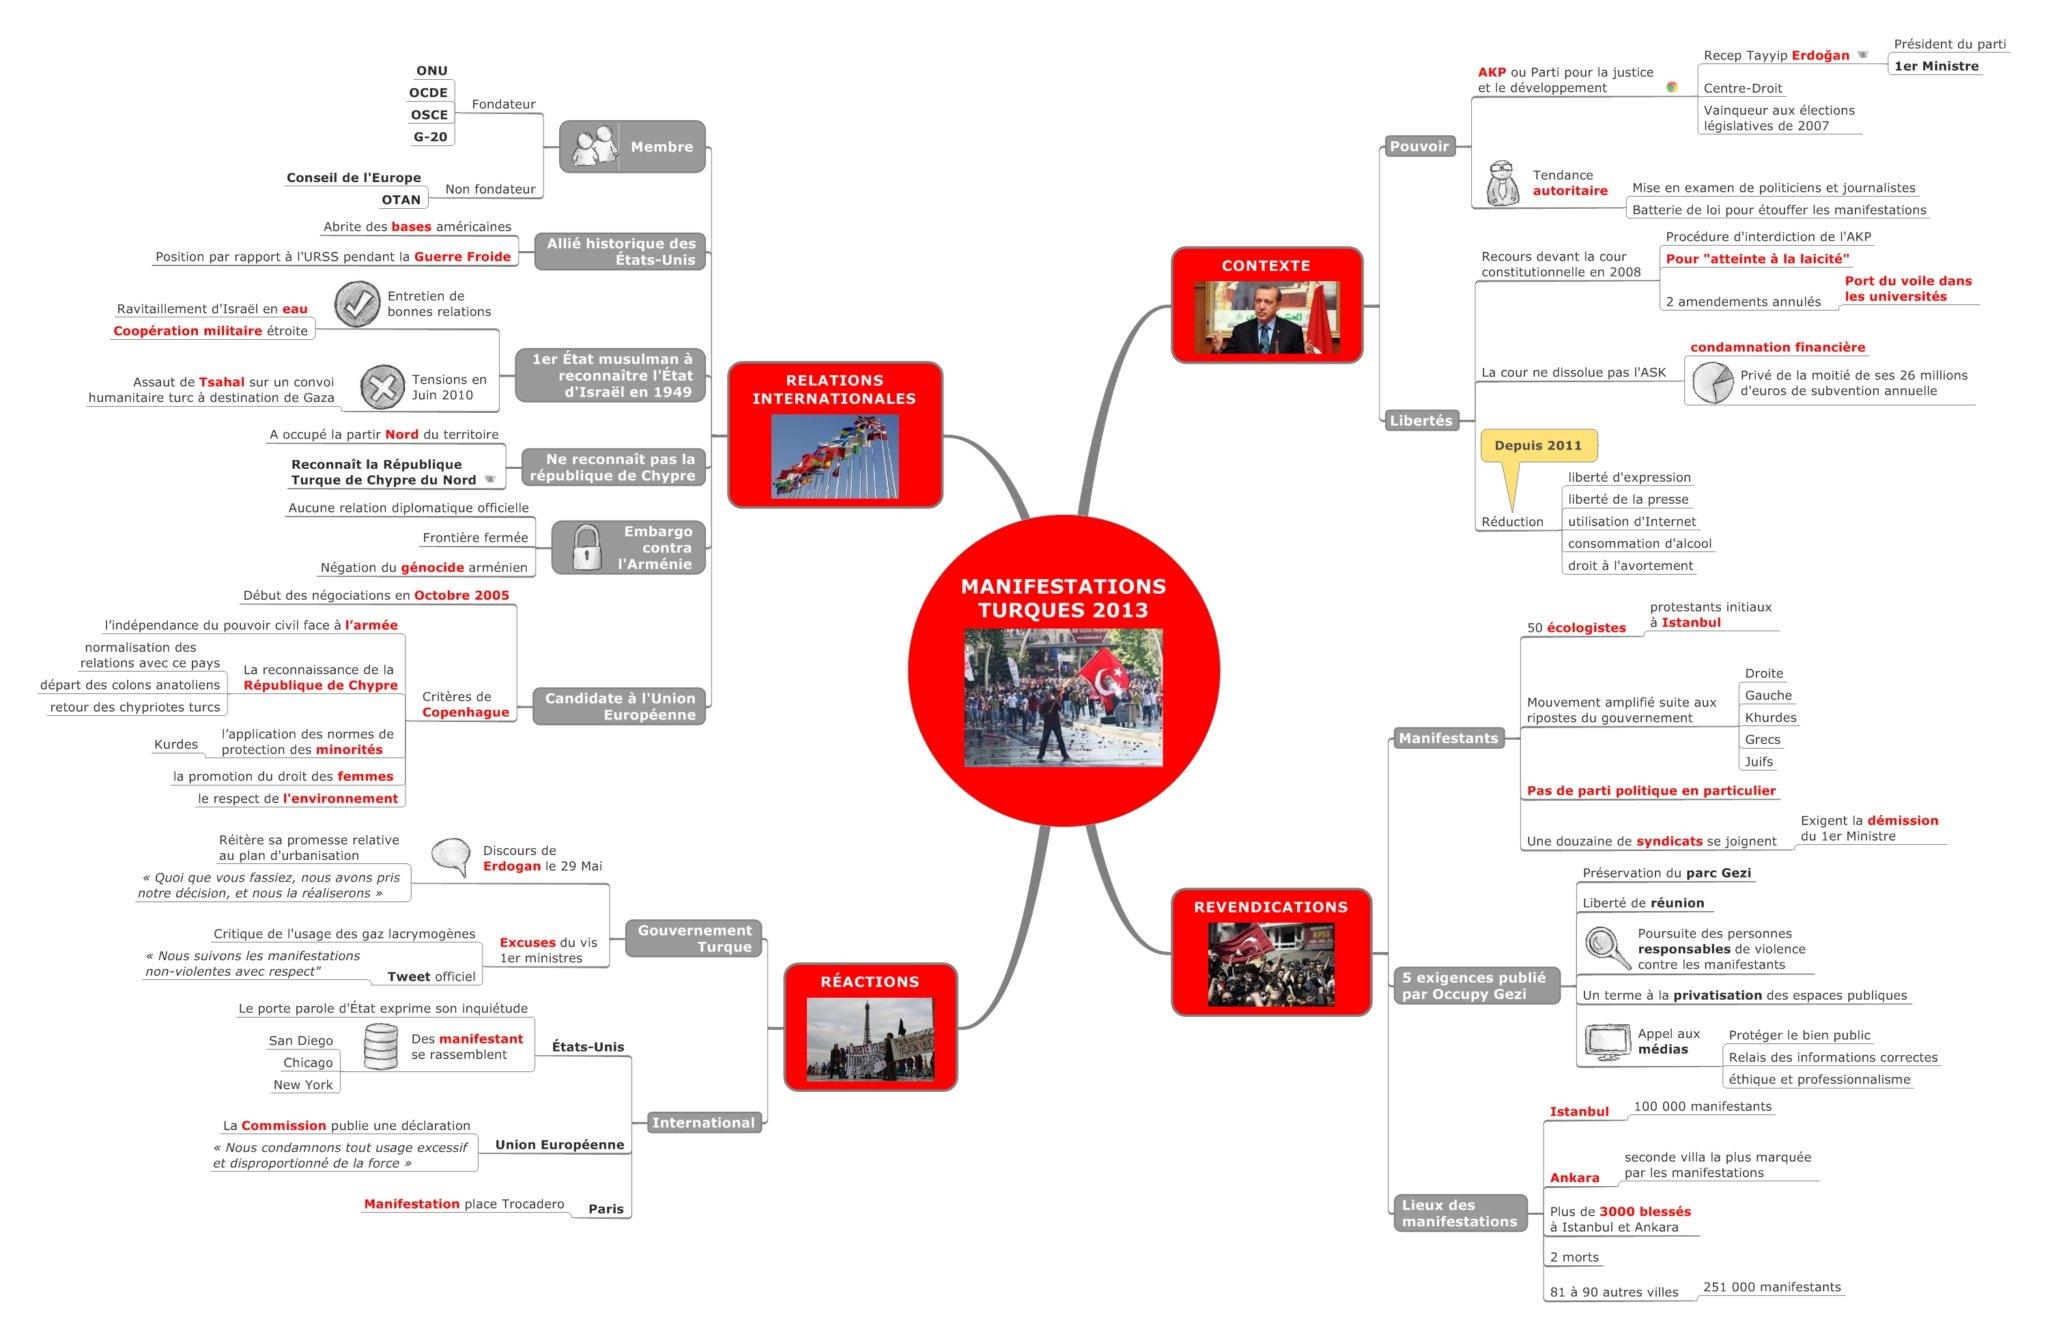 #ACTUMAPPING: Le point sur les manifestations en Turquie